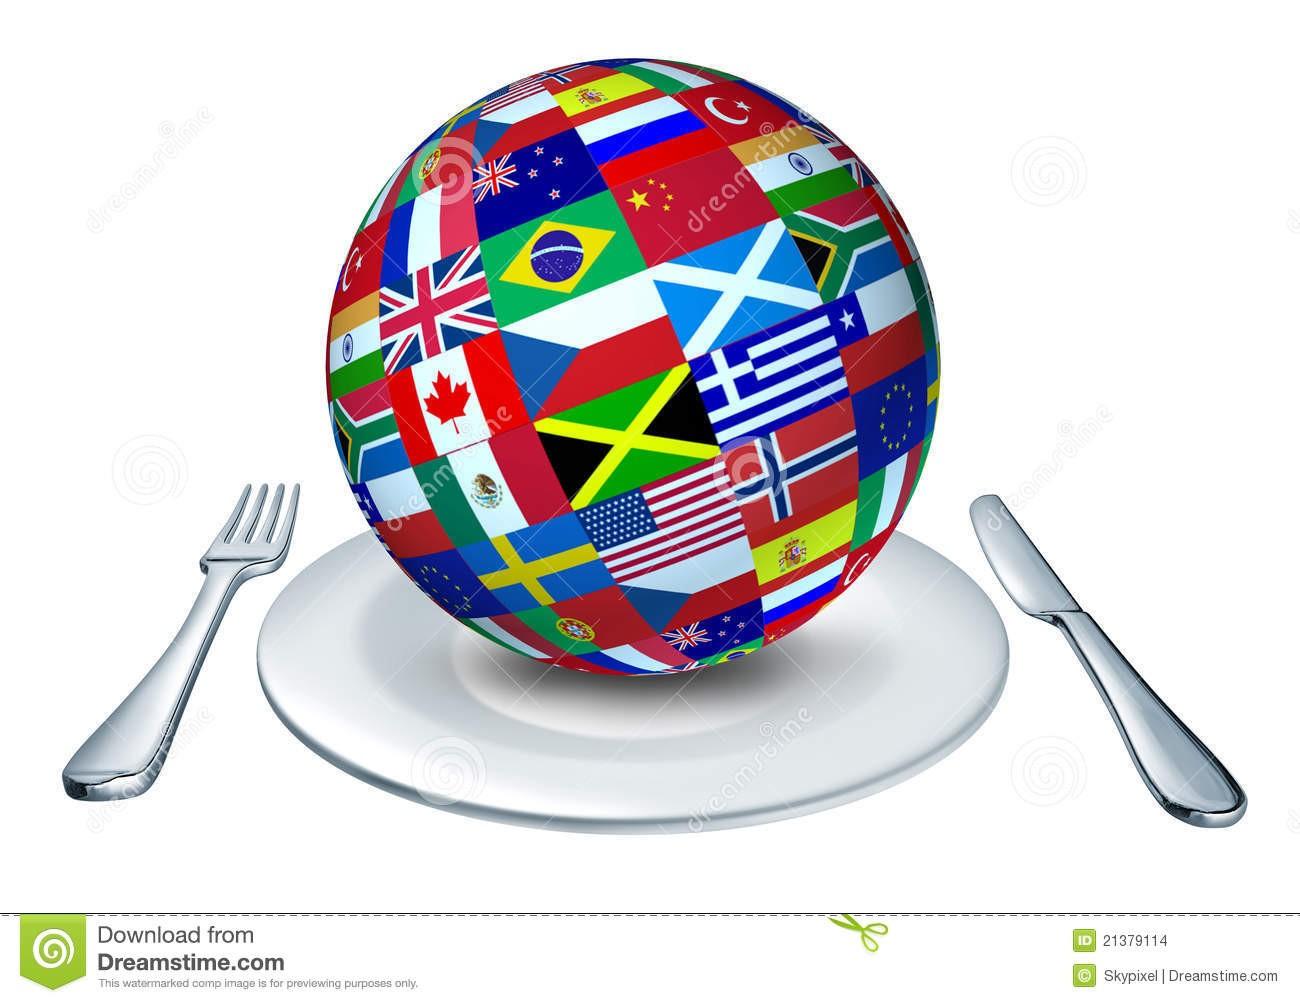 quizz cuisine du monde - quiz cuisine